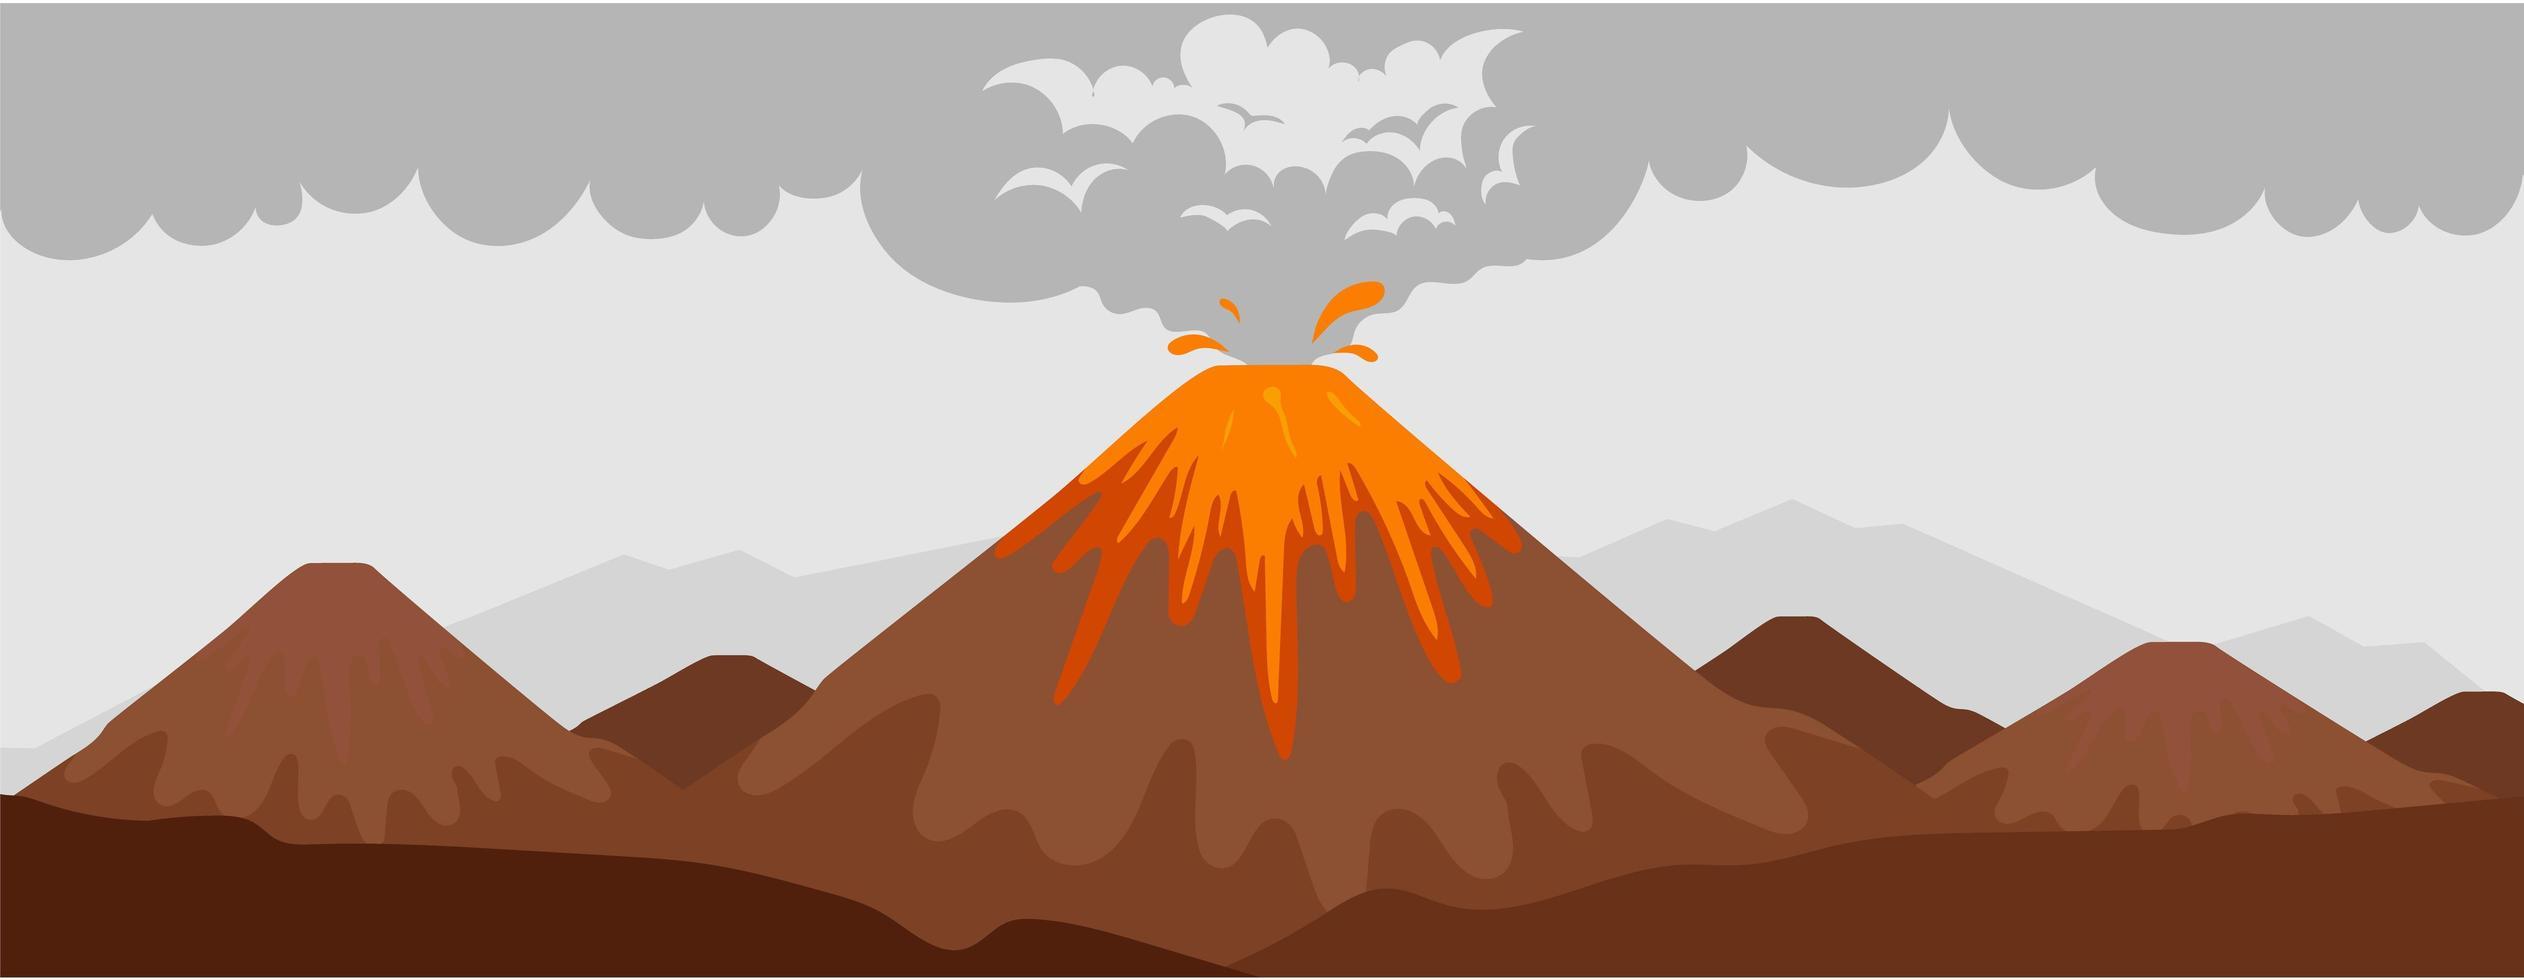 vulkaanuitbarstingsscène vector